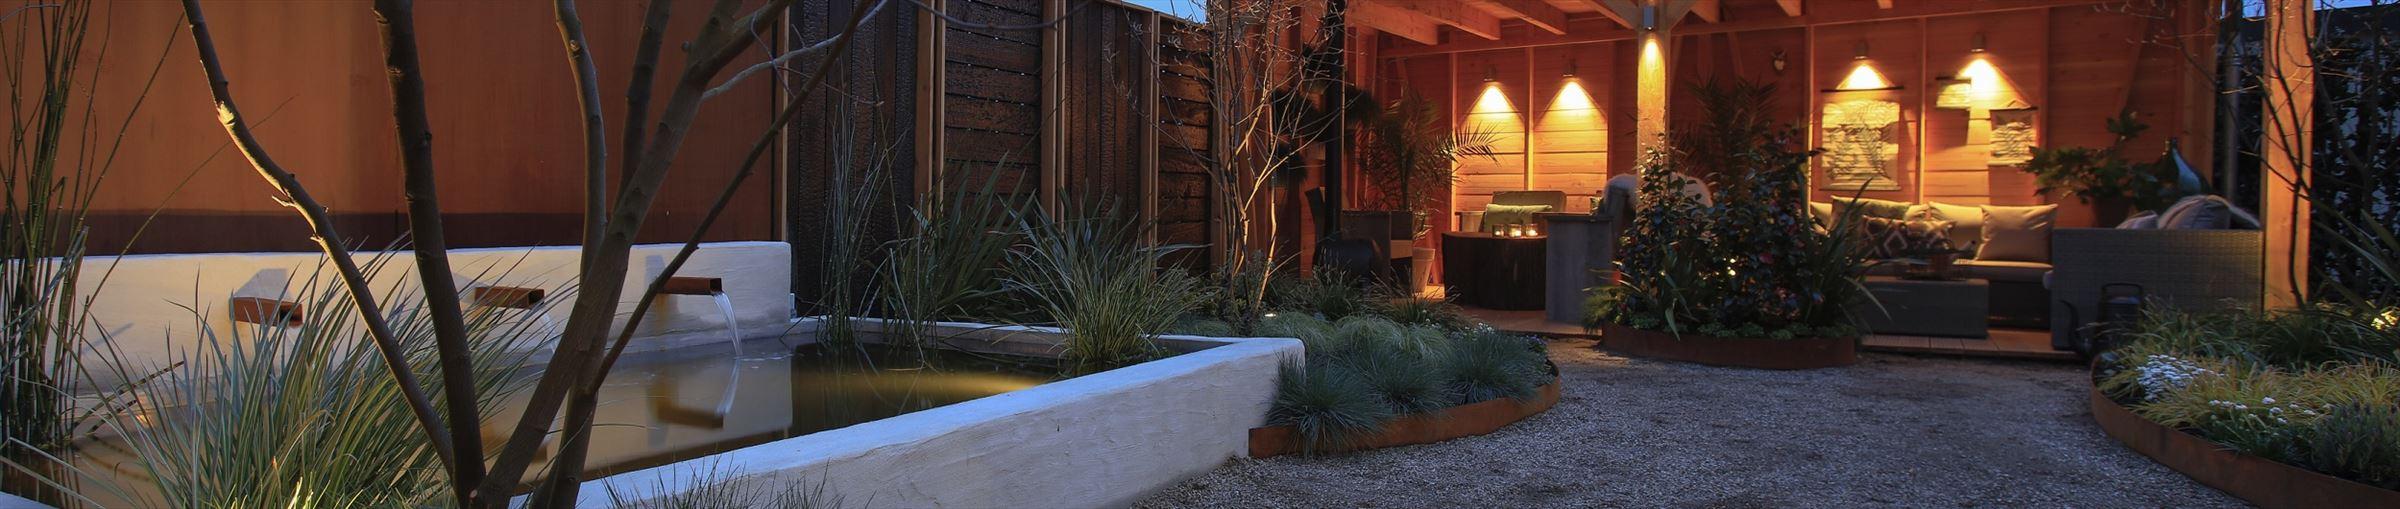 Bekijk onze collectie sierbestrating en terrastegels